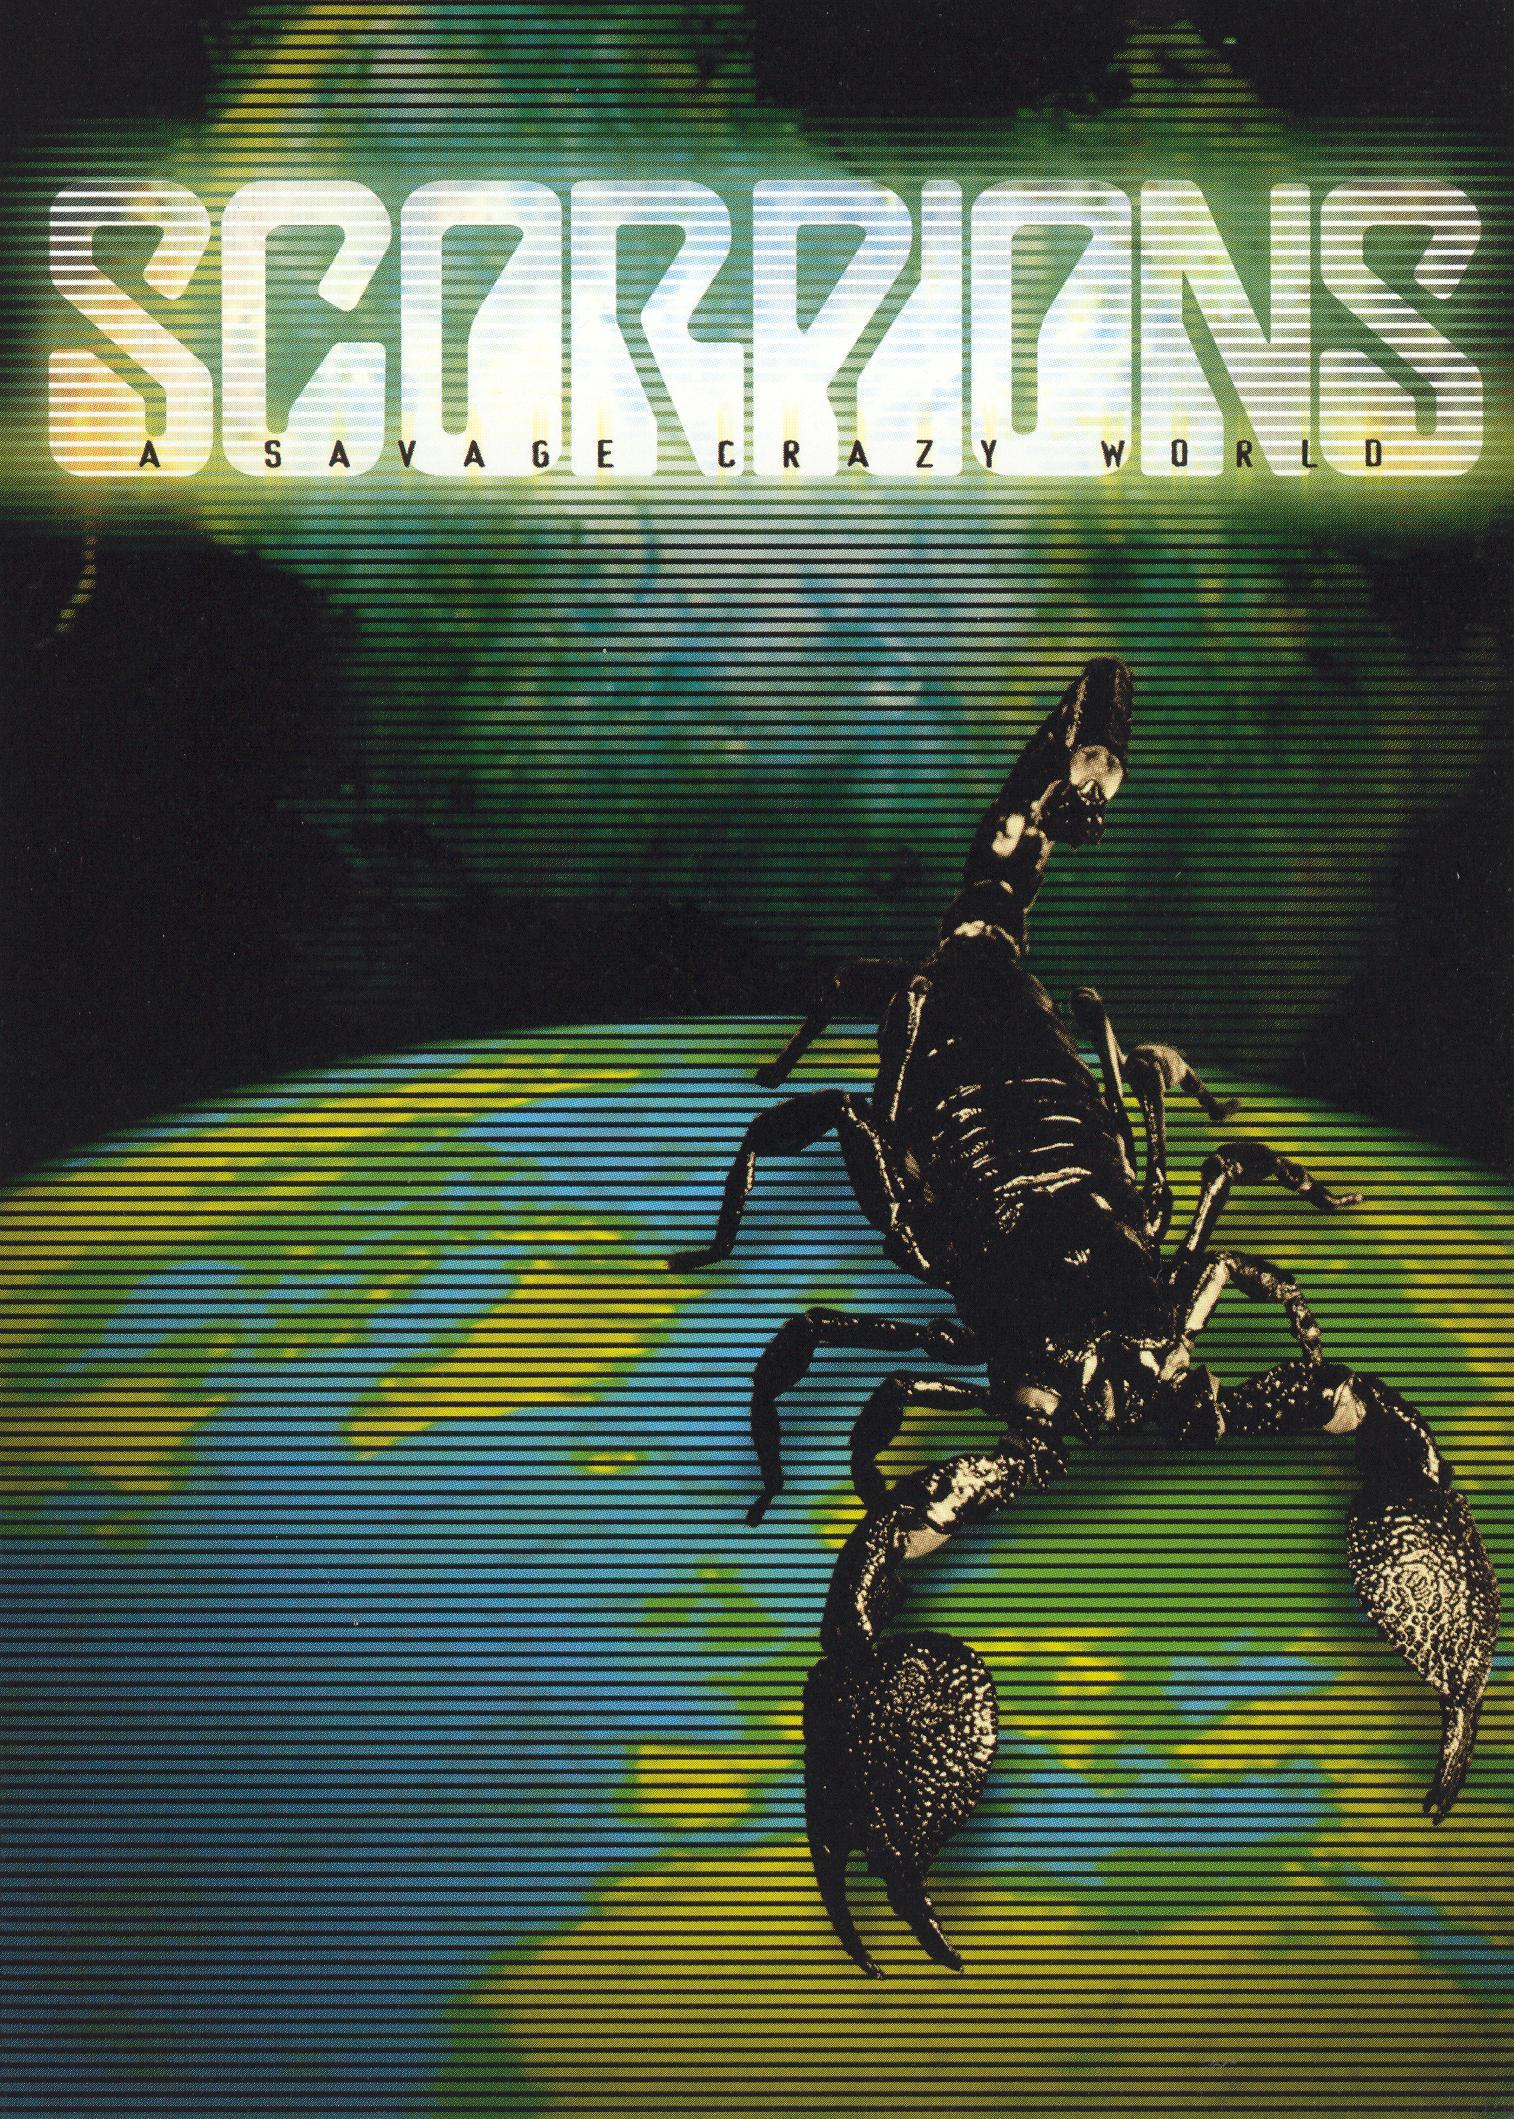 Scorpions: A Savage, Crazy World